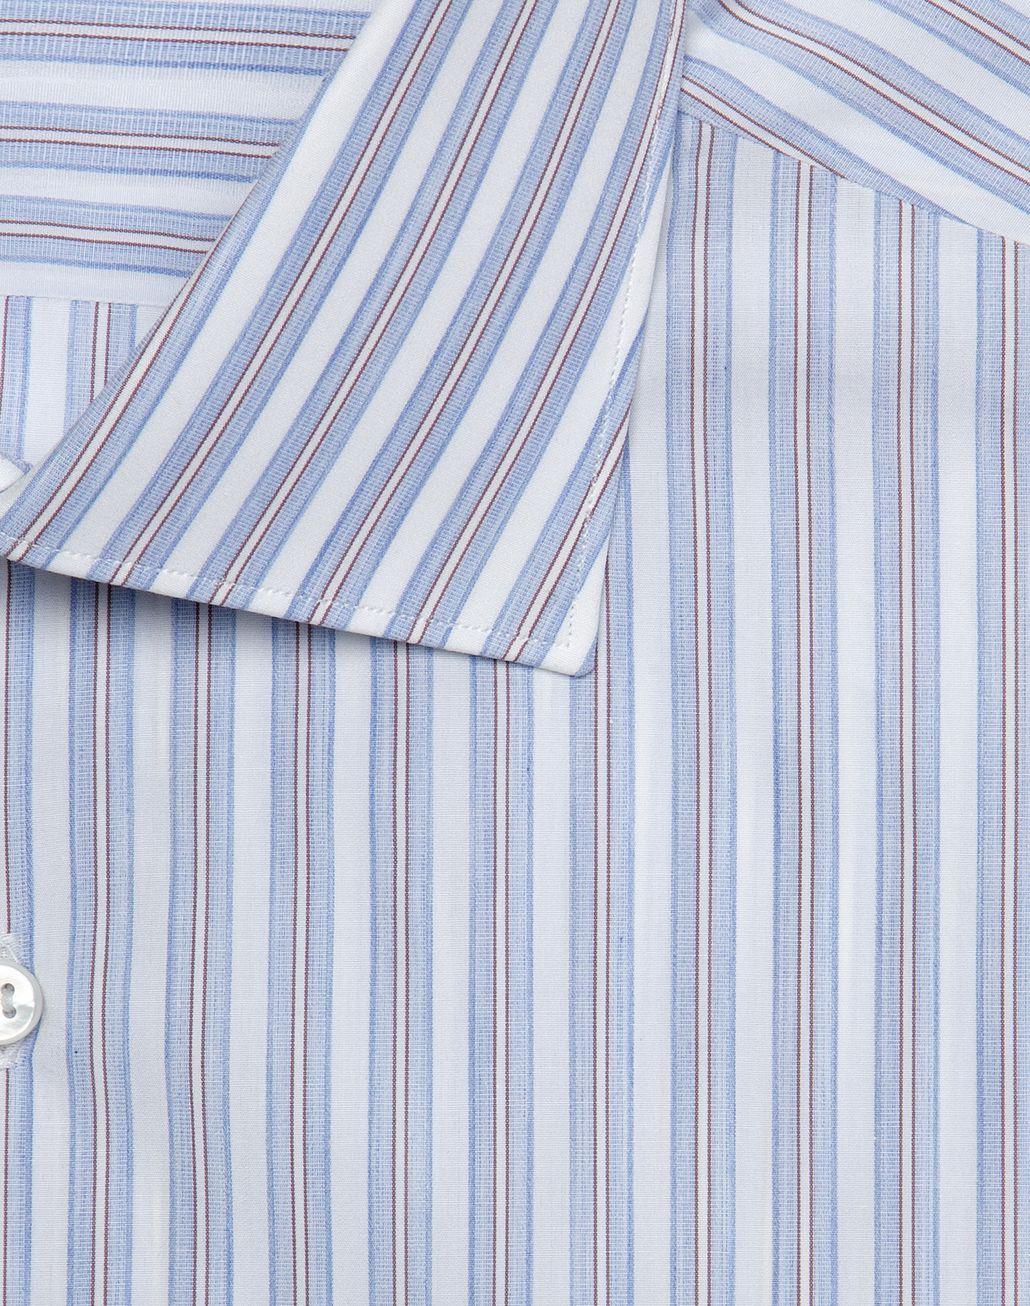 BRIONI Рубашка в полоску в цветовом сочетании: цвет виски, светло-голубой и белый Классическая рубашка U r